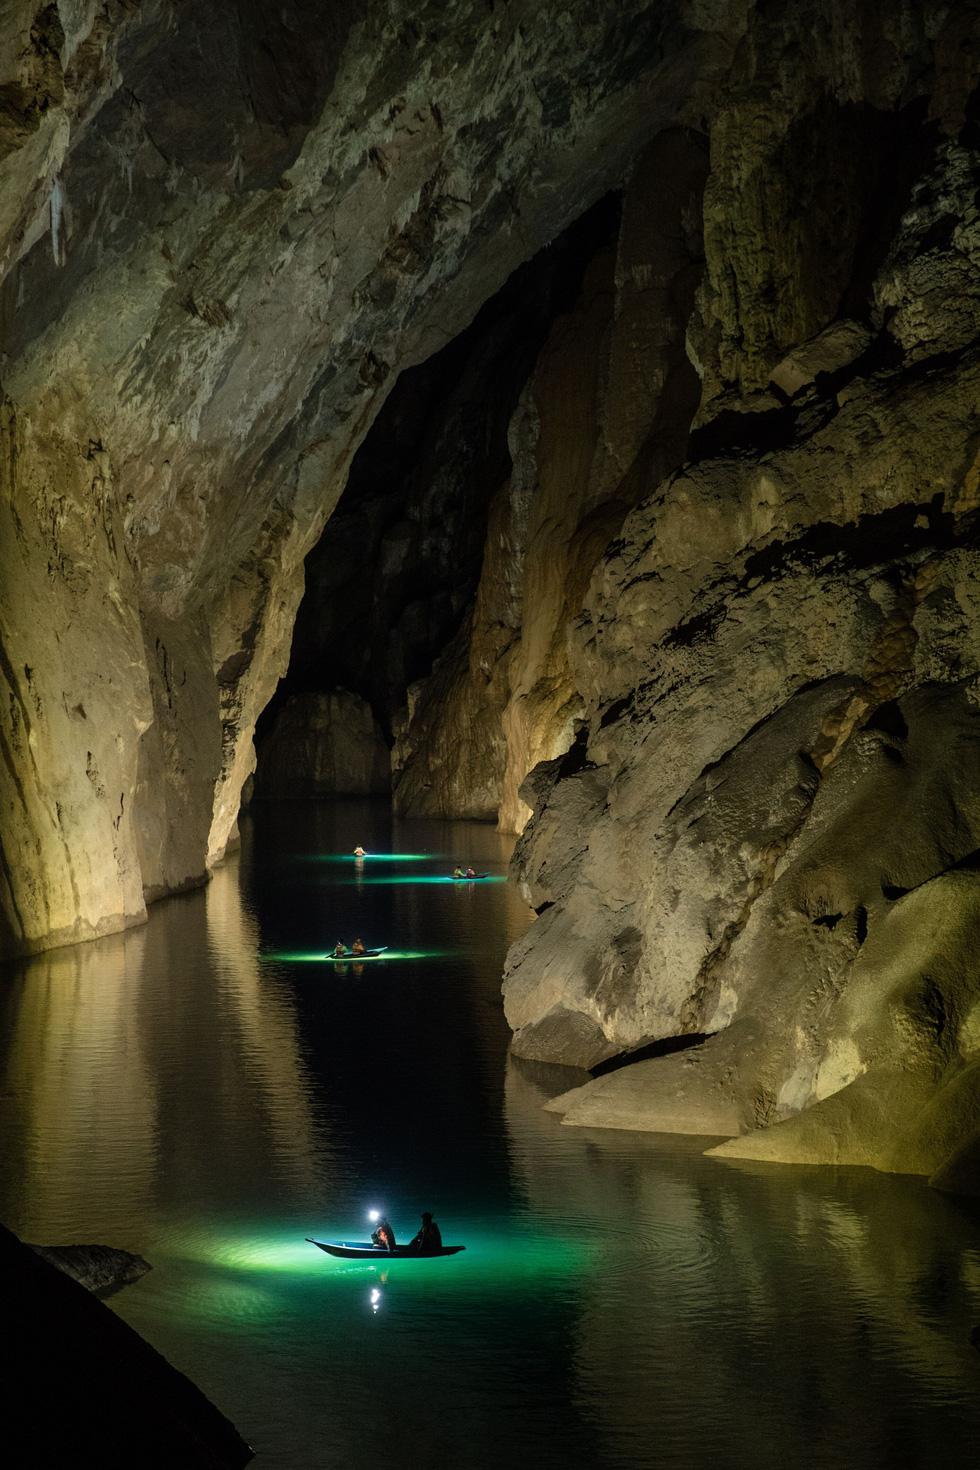 Lặn tìm con sông bỗng nhiên biến mất trong hang Sơn Đoòng - Ảnh 5.